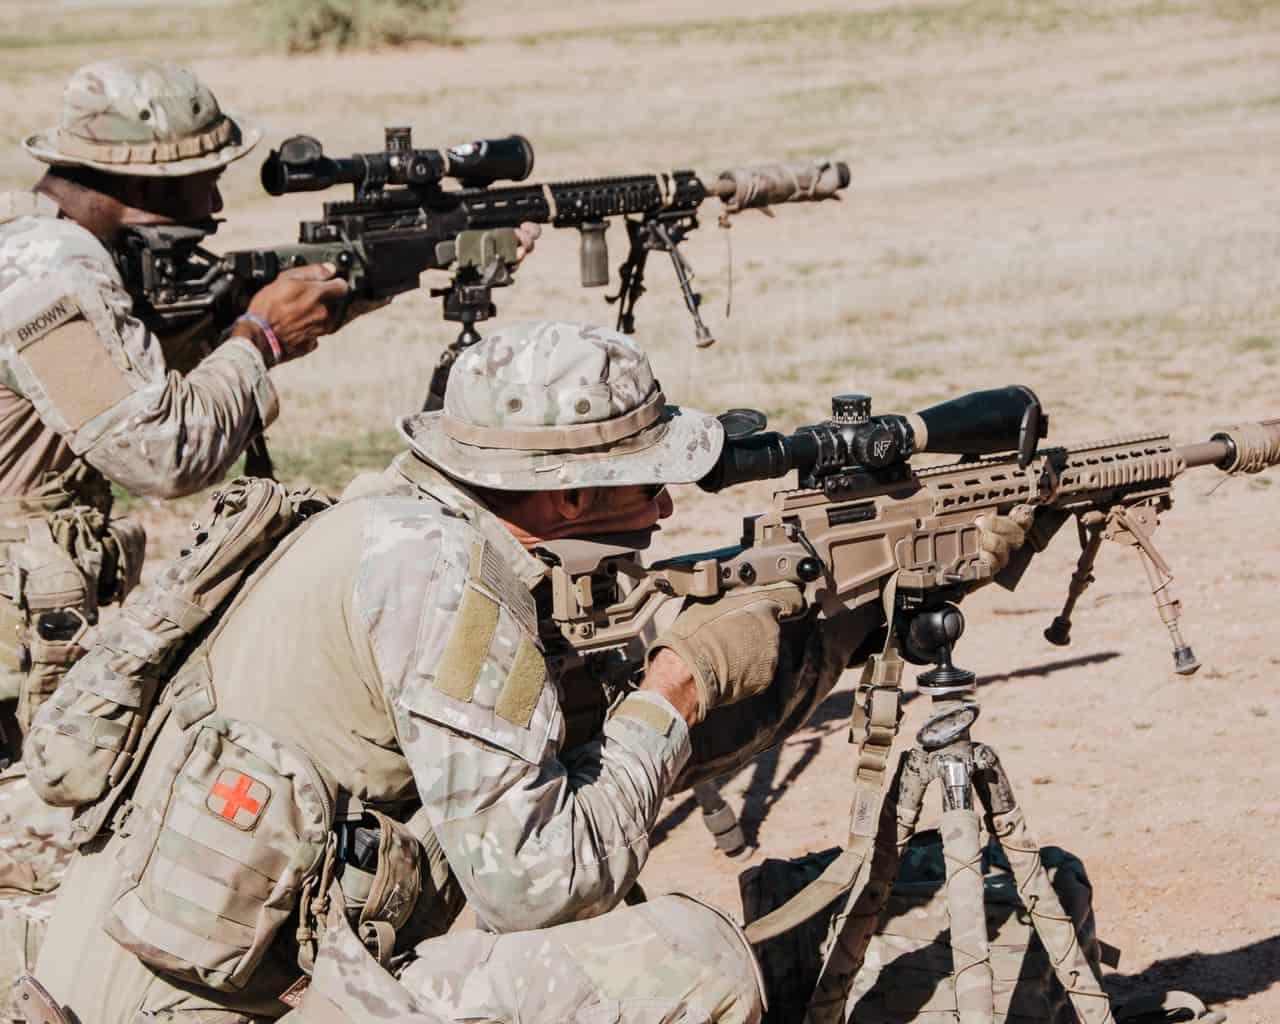 advanced-rural-sniper-course-5